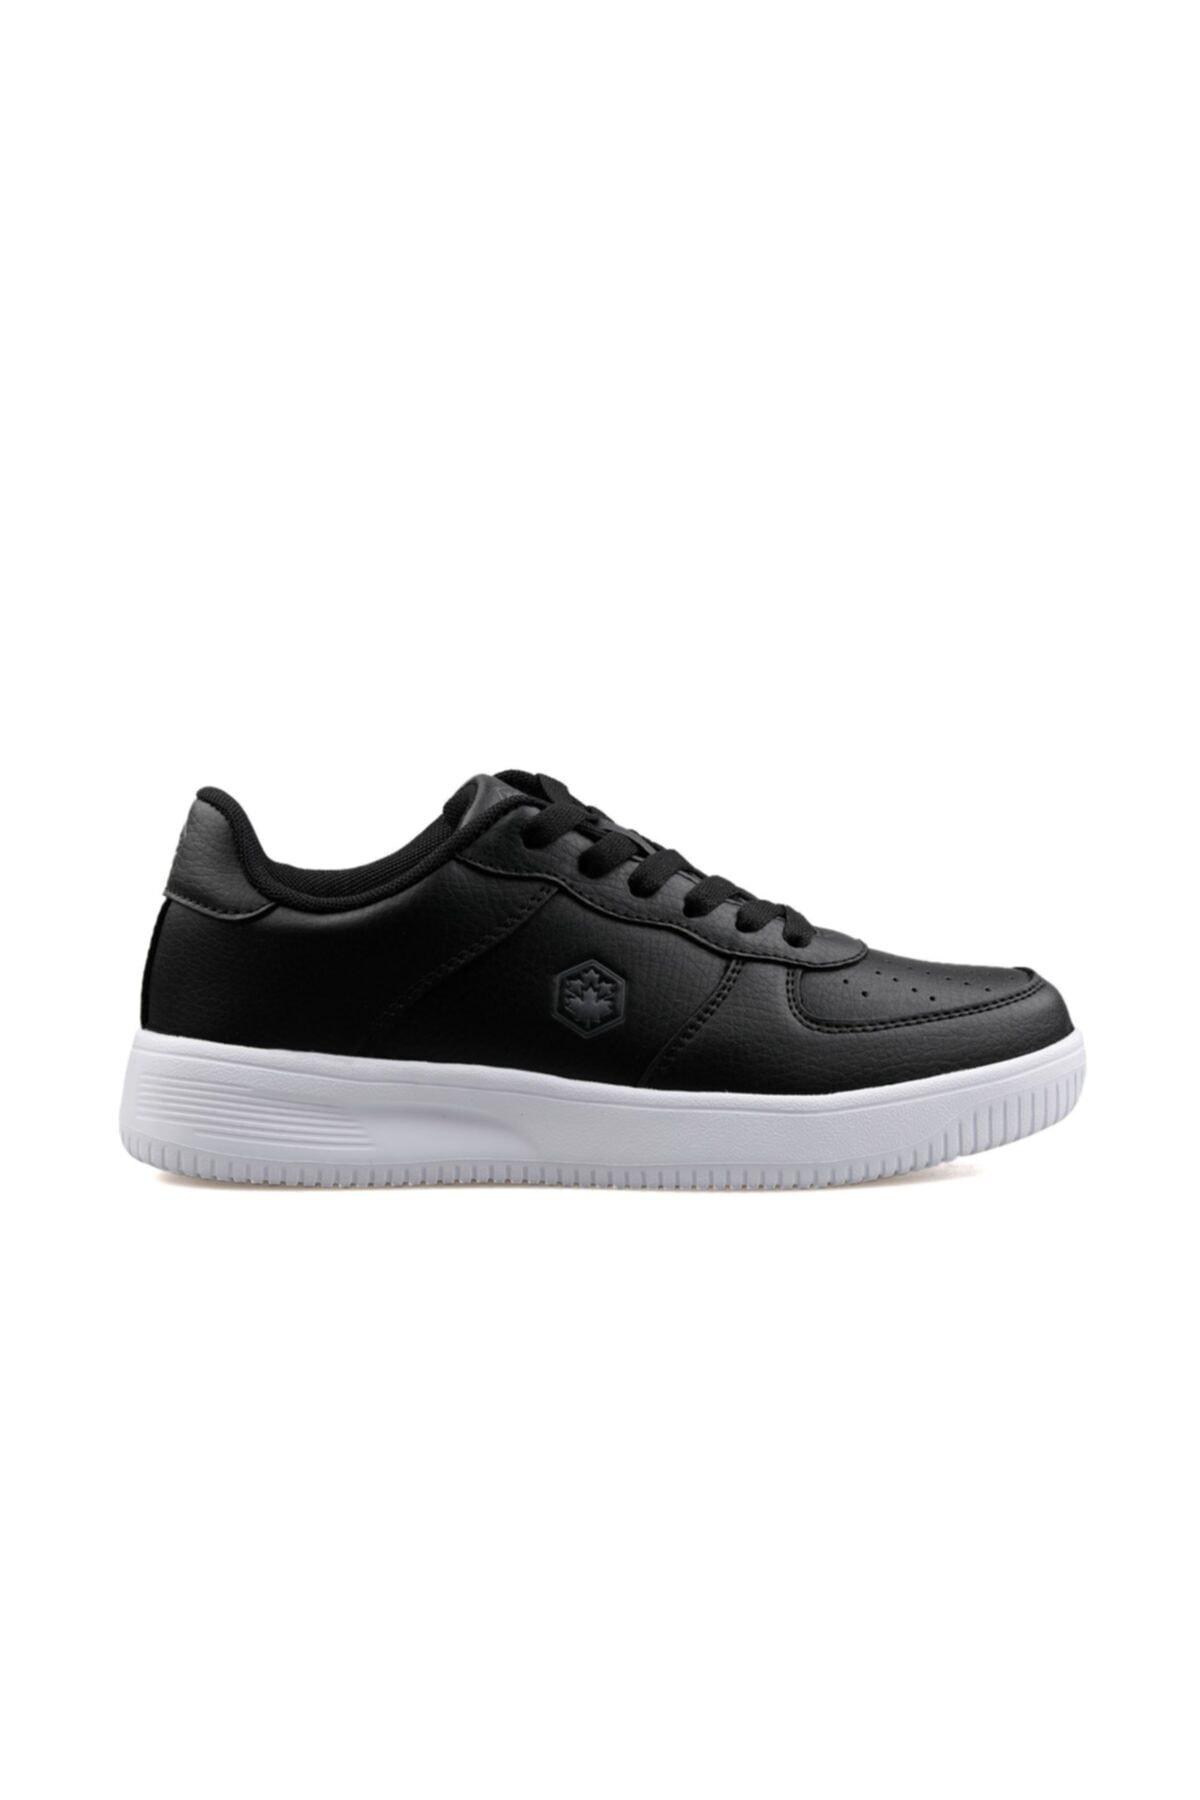 lumberjack Kadın Siyah  Günlük Ayakkabı 100353724 1